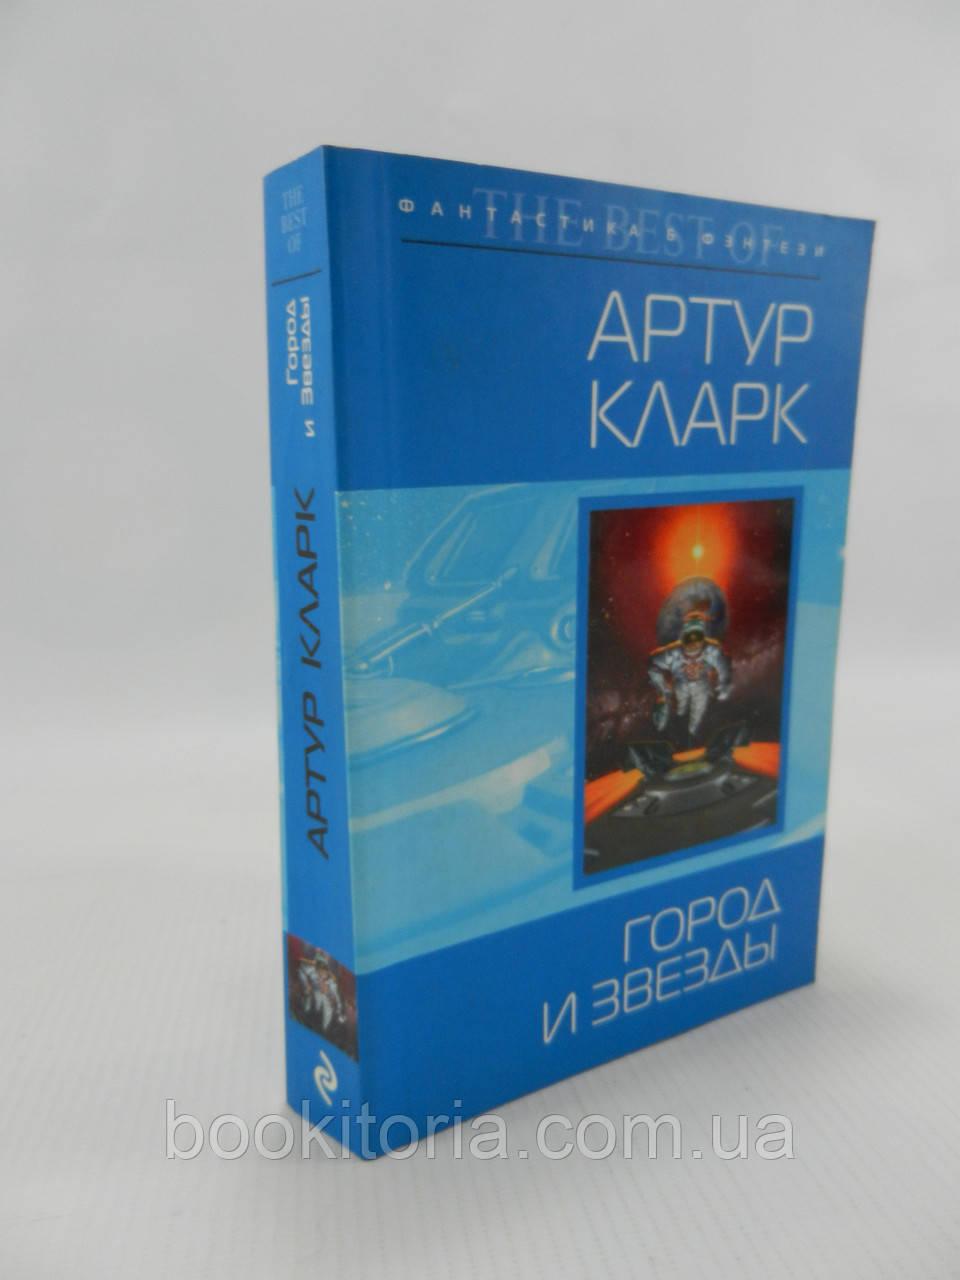 Кларк А. Город и Звезды (б/у).